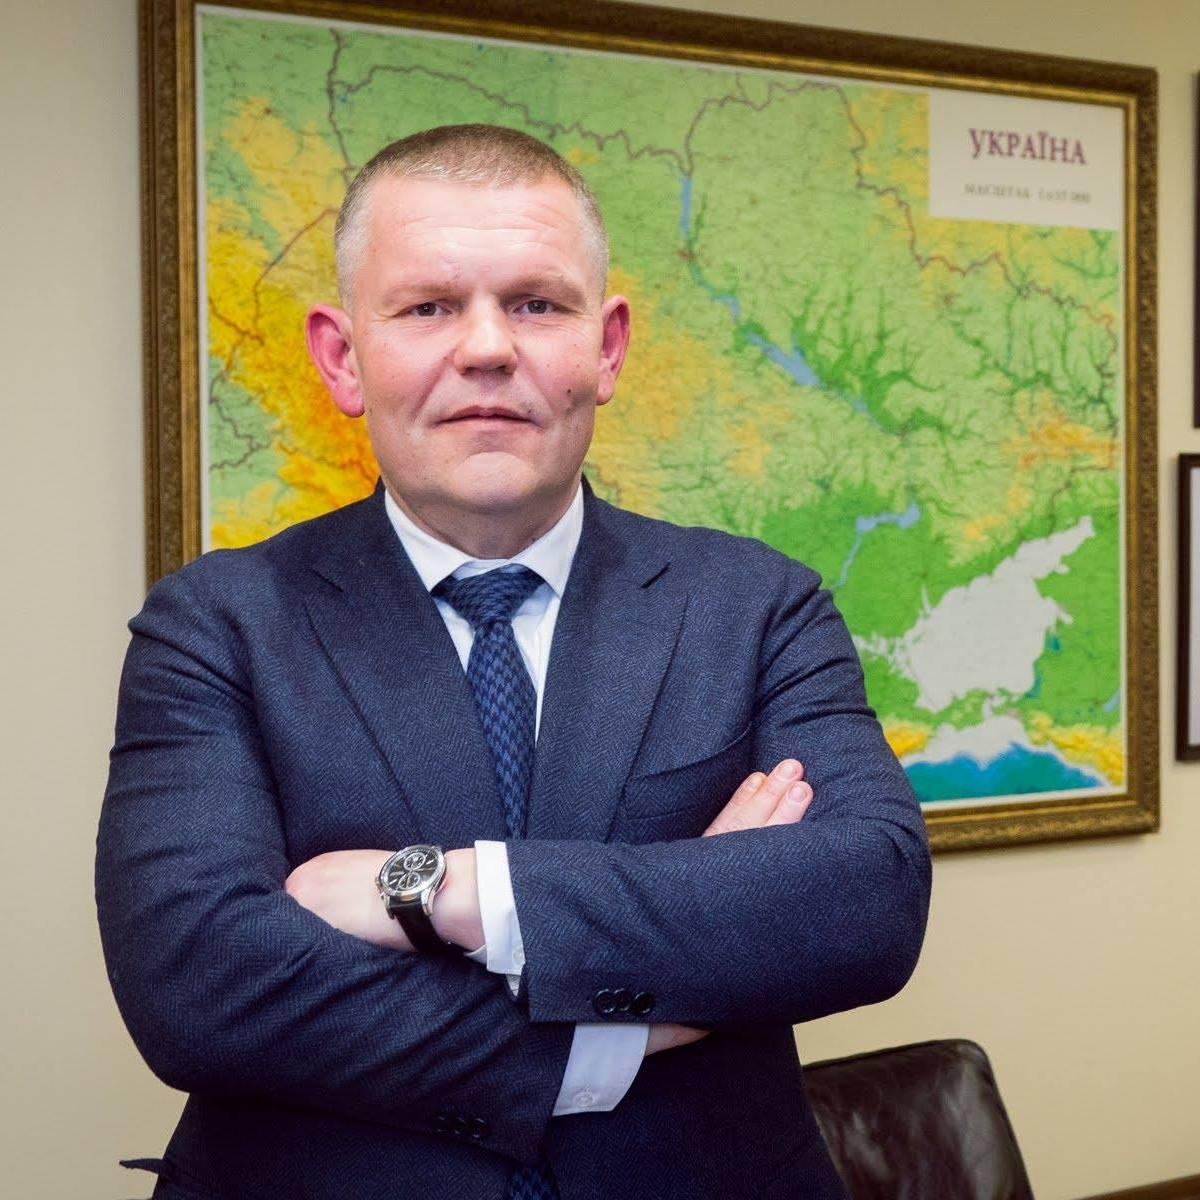 Валерий Давыденко (фото: фейсбук)